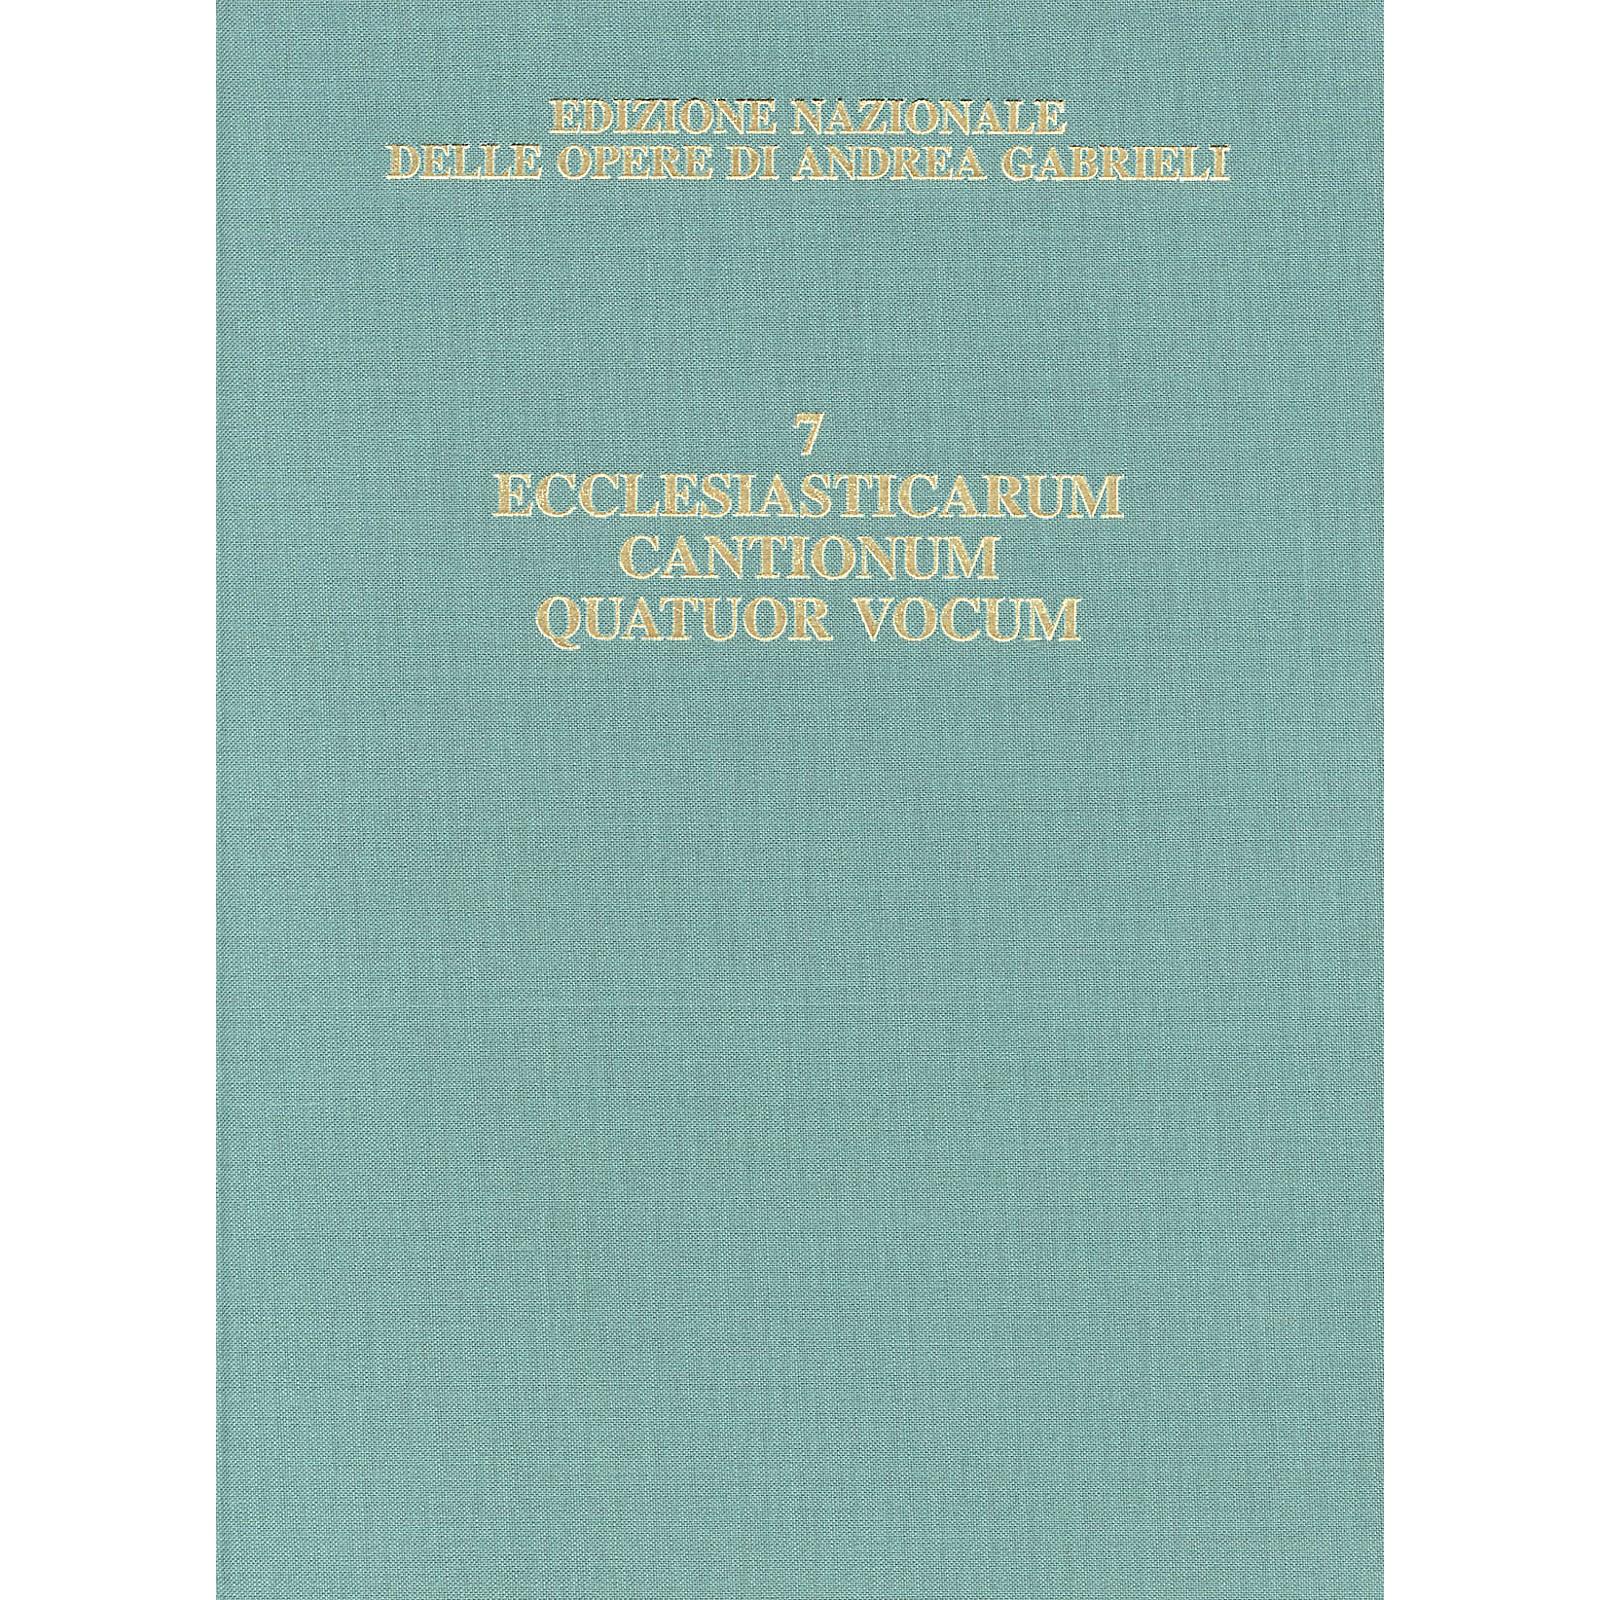 Ricordi Edizione Nazionale Delle Opere Di Andrea Gabrieli - Volume 7 Score Composed by Andrea Gabrieli